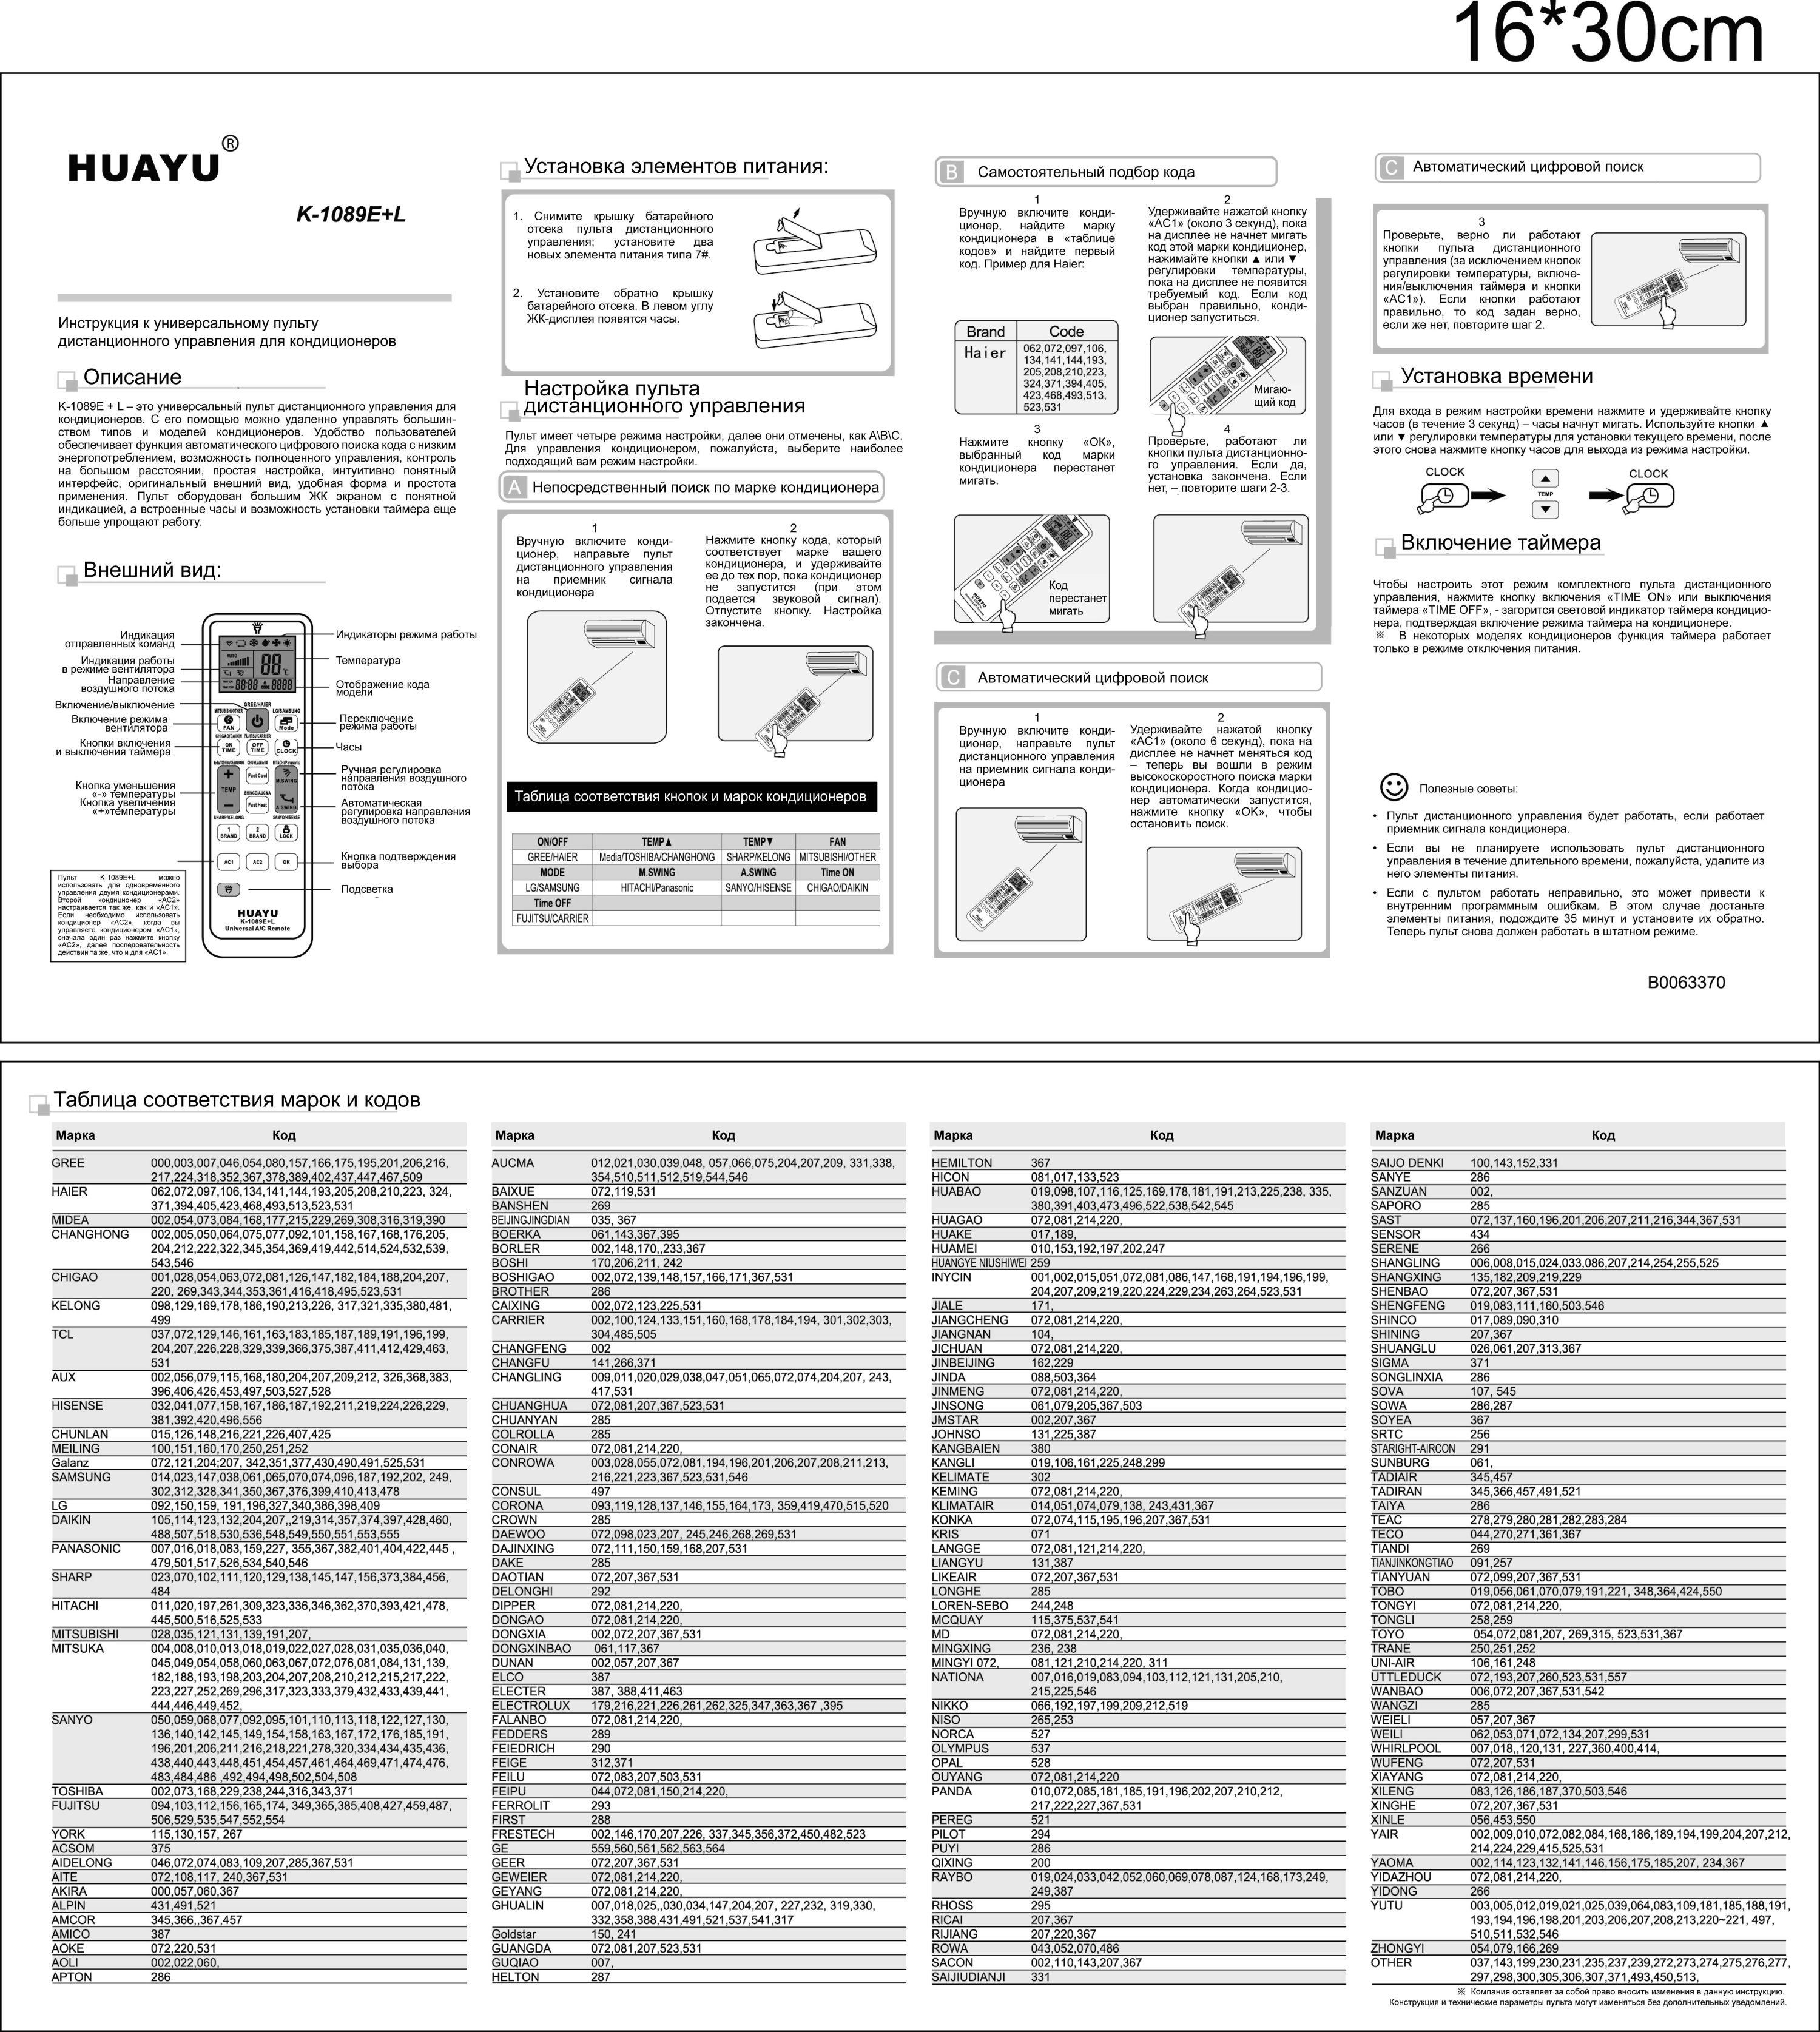 Пульт для кондиционера универсальный - инструкция по применению